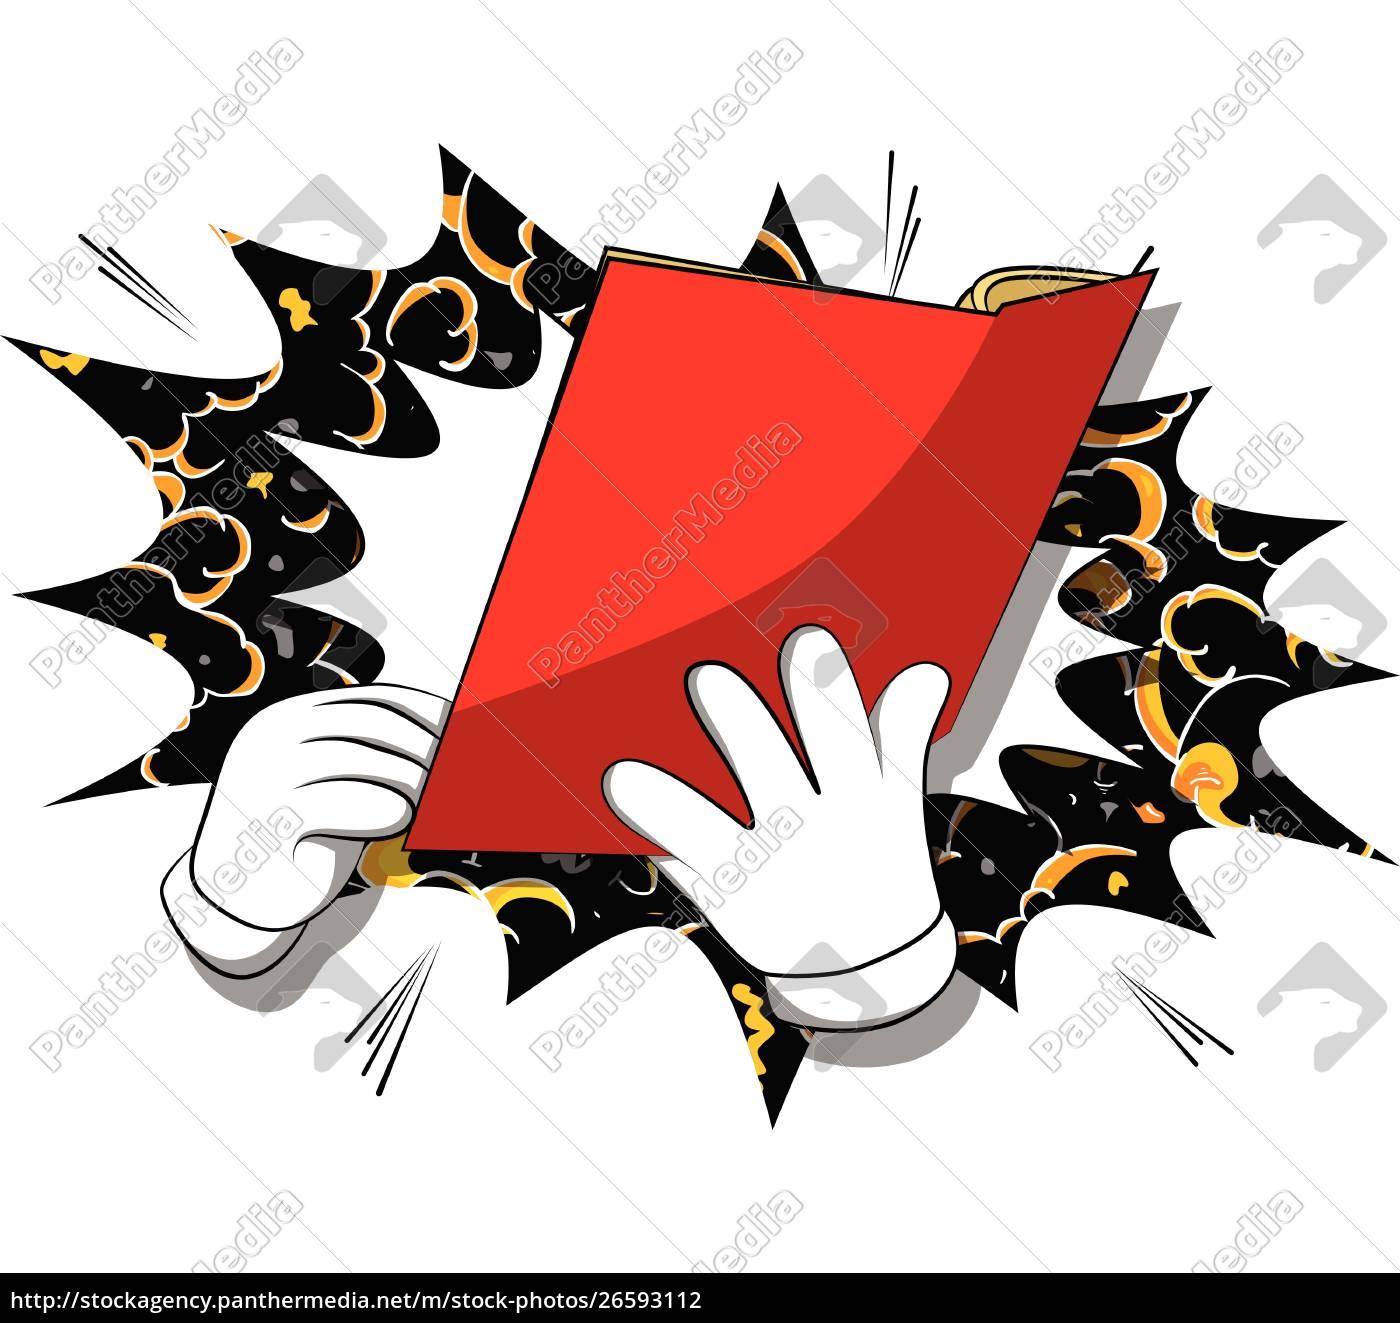 cartoon, hand, holding, a, book. - 26593112